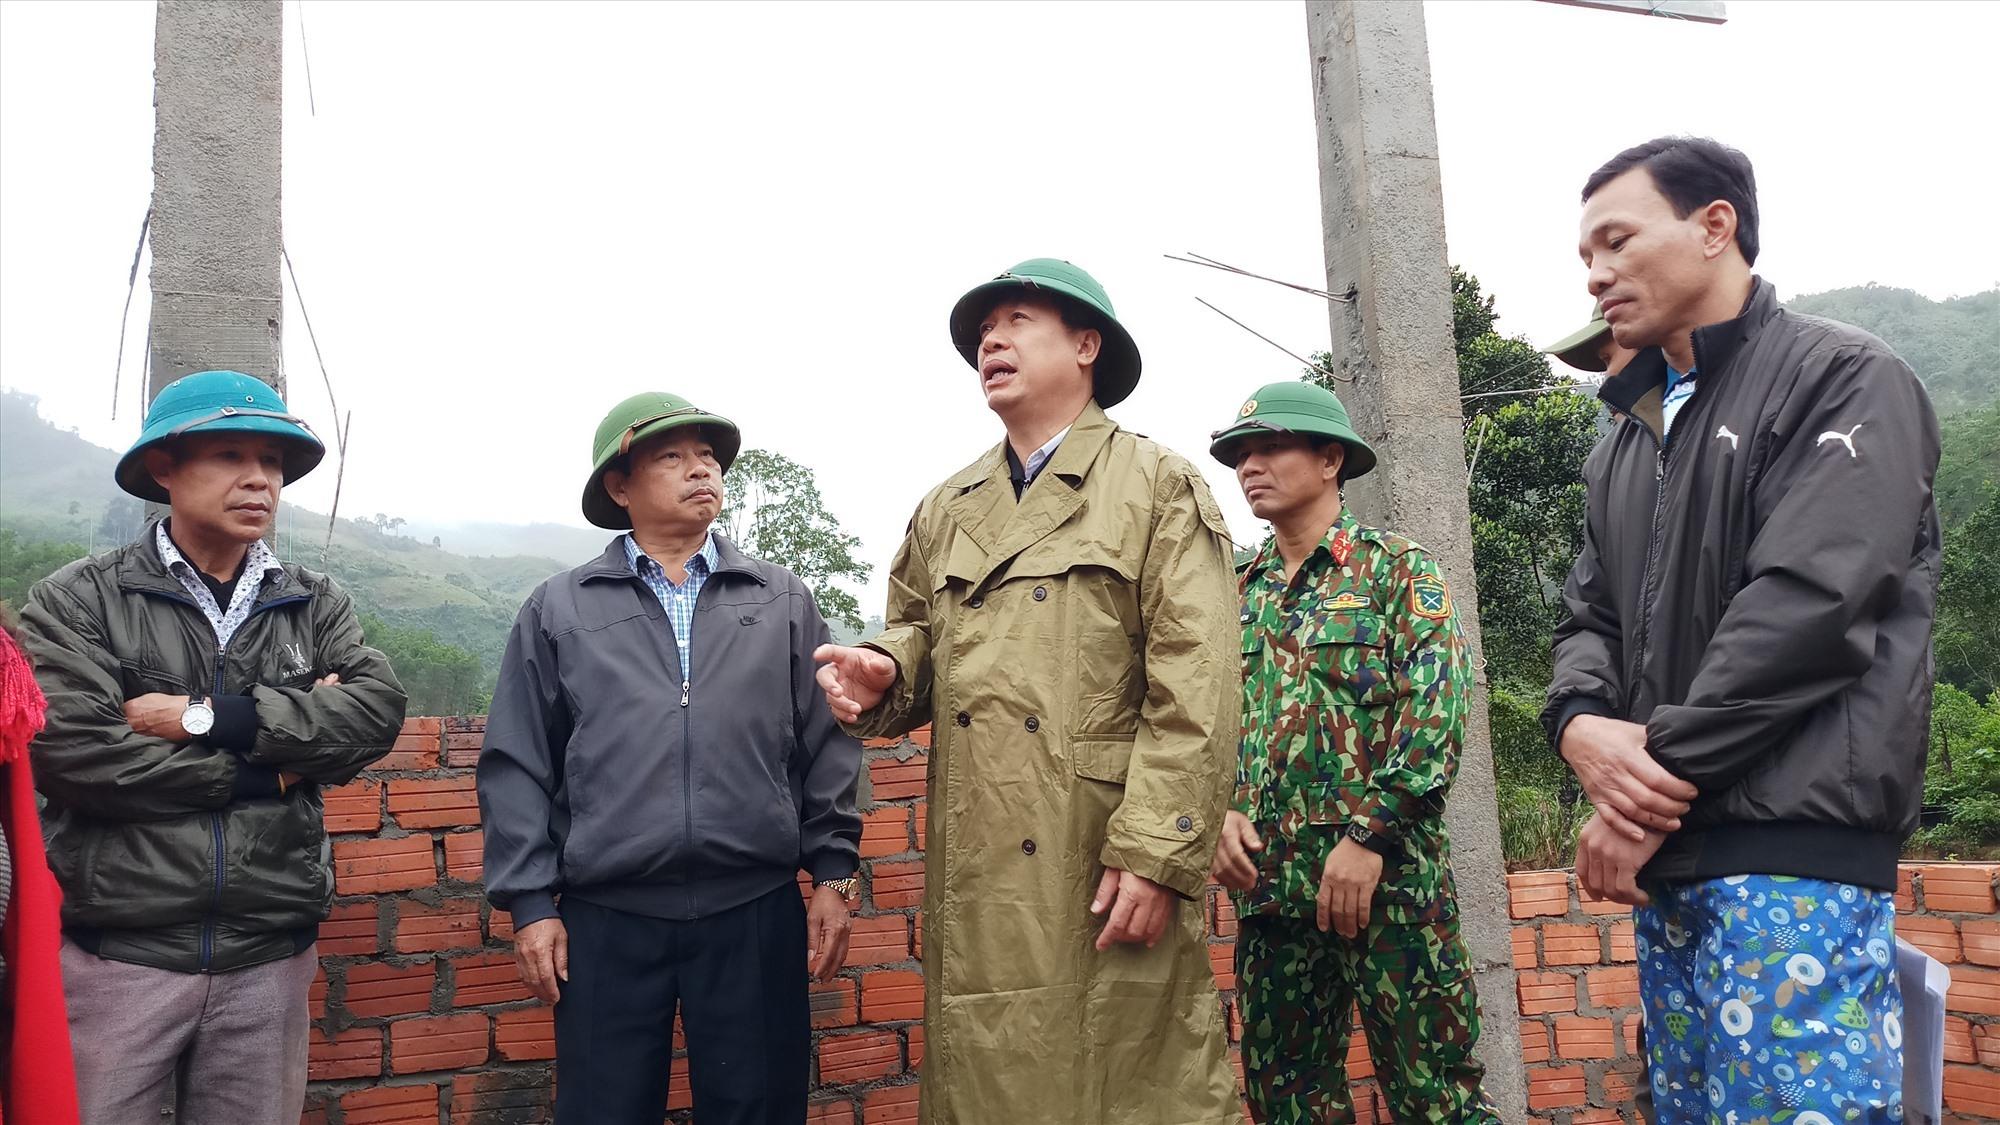 Để dân sớm có nhà mới ổn định đón tết Phó Chủ tịch UBND tỉnh Hồ Quang Bửu đề nghị cần đẩy nhanh tiến độ thi công, đảm bảo các điều kiện an toàn trobg lao động. Ảnh: A.N